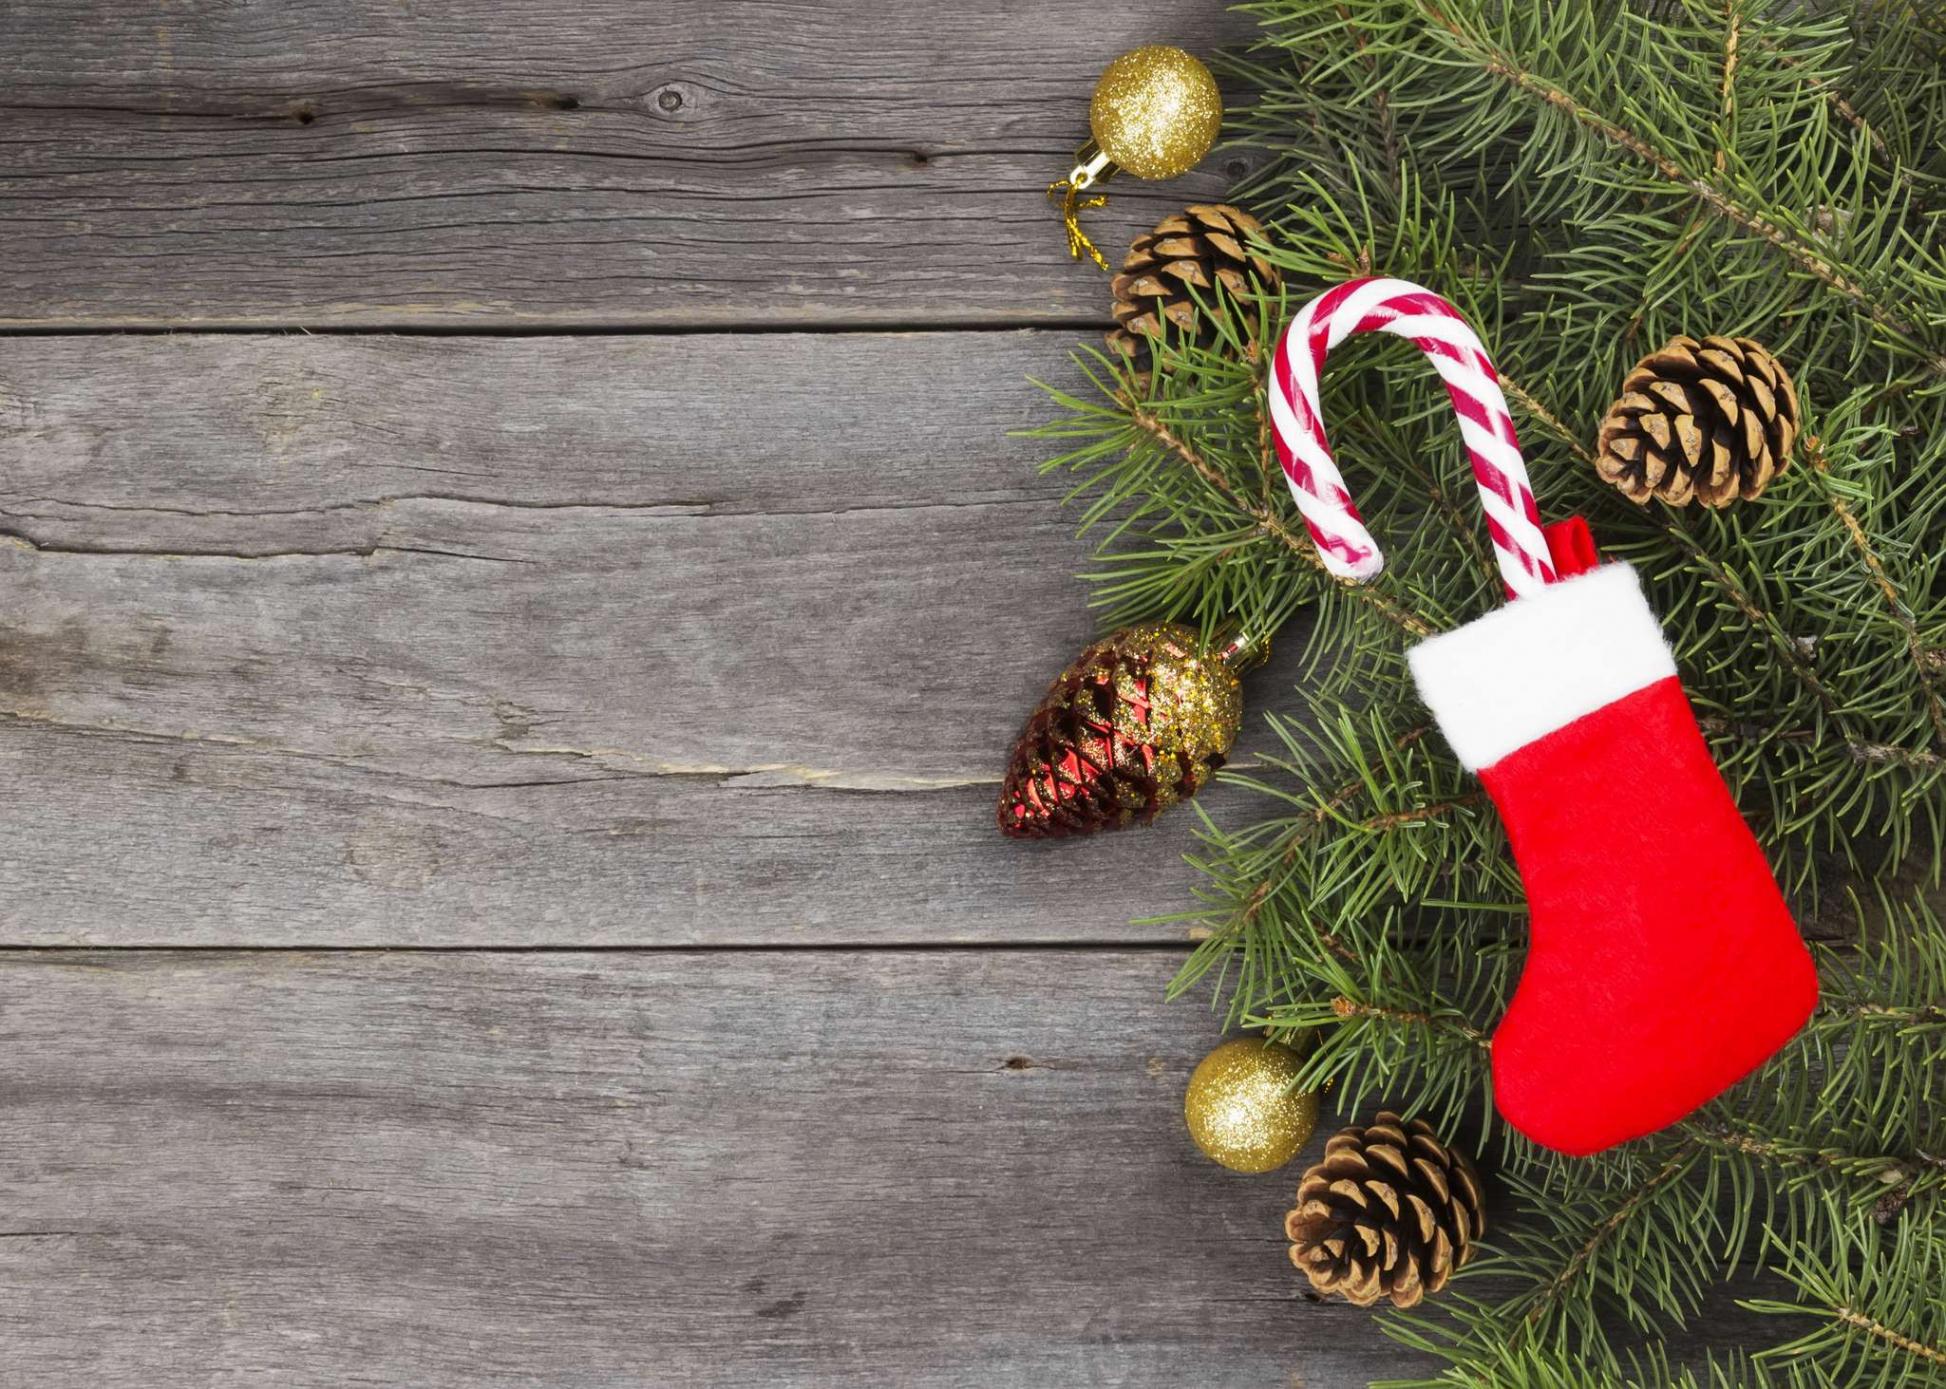 weihnachtsdeko selber basteln luxus holz deko selber machen schon rustikale weihnachtsdeko selber machen rustikale weihnachtsdeko selber machen 1